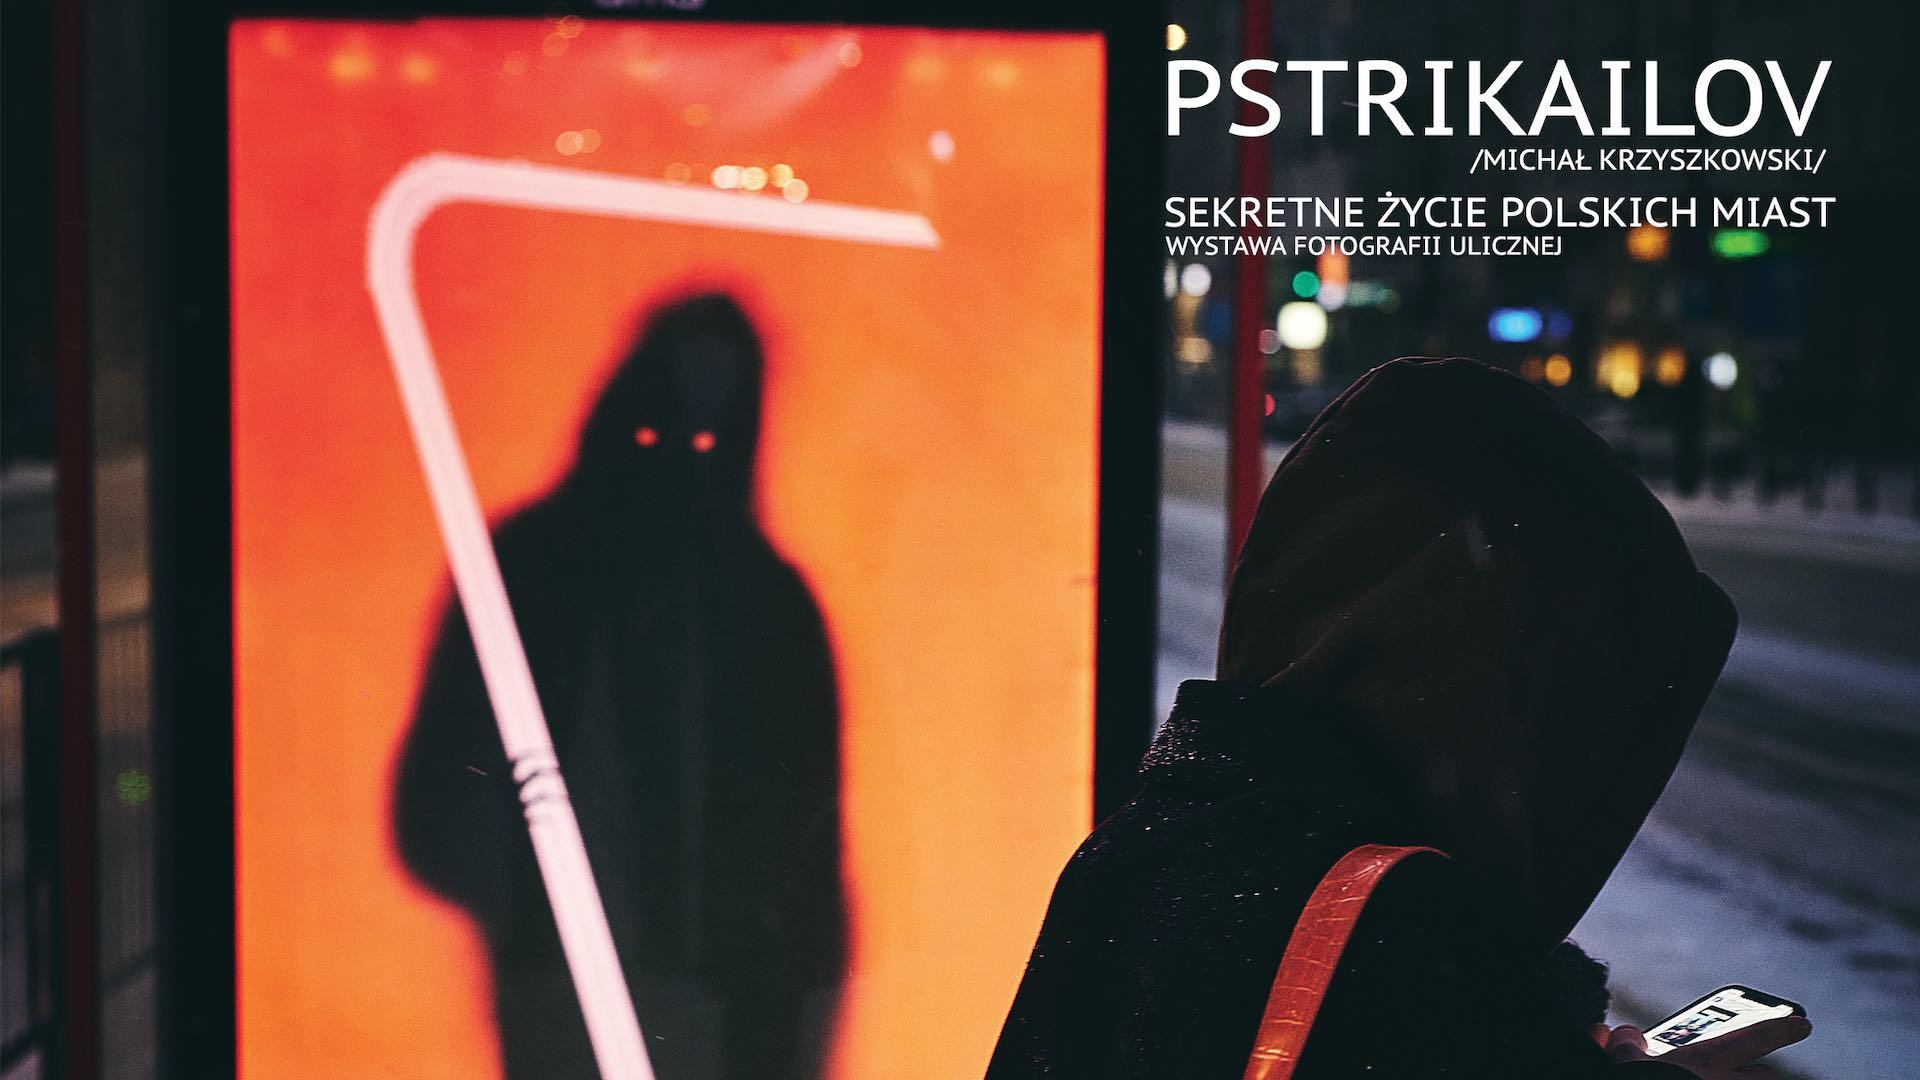 Pstrikailov Michał Krzyszkowski Wystawa fotografii ulicznej Sekretne życie polskich miast